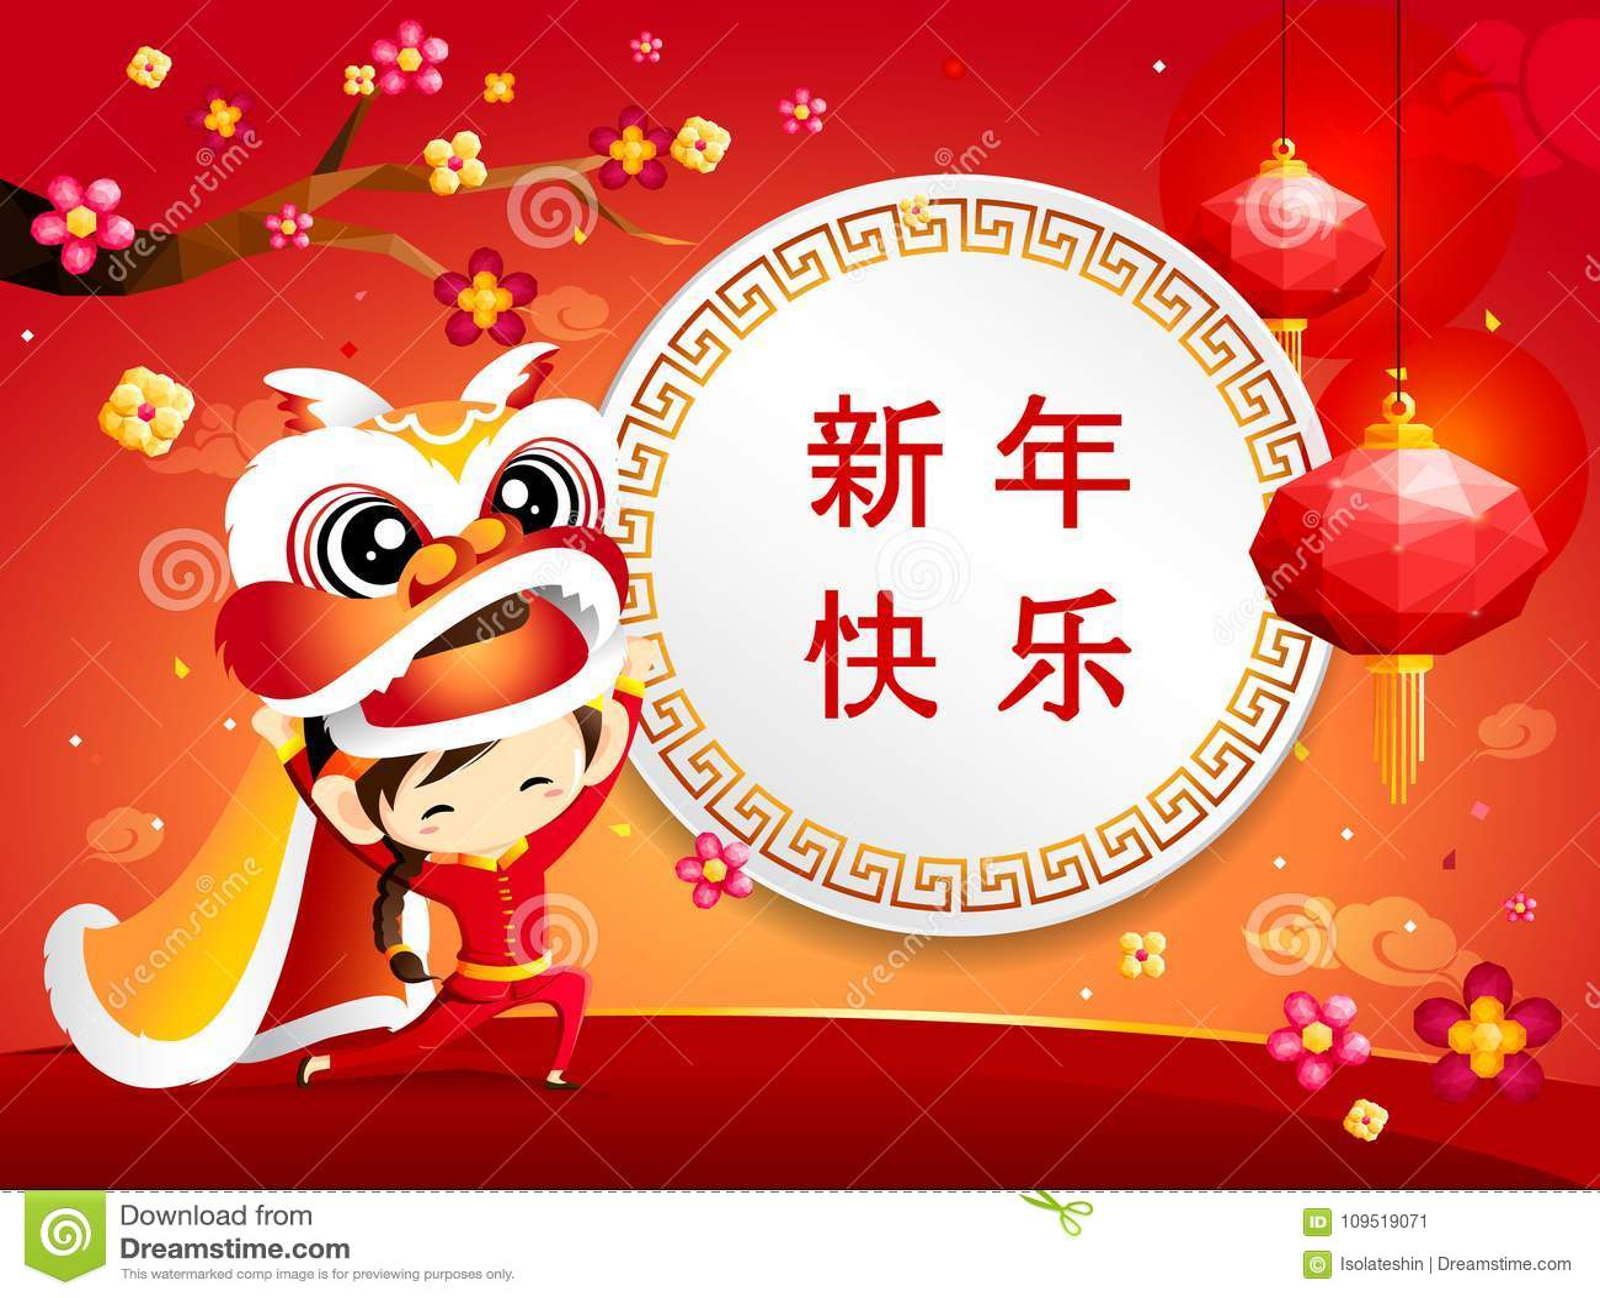 春节与演奏在红色背景设计的男孩的贺卡舞狮